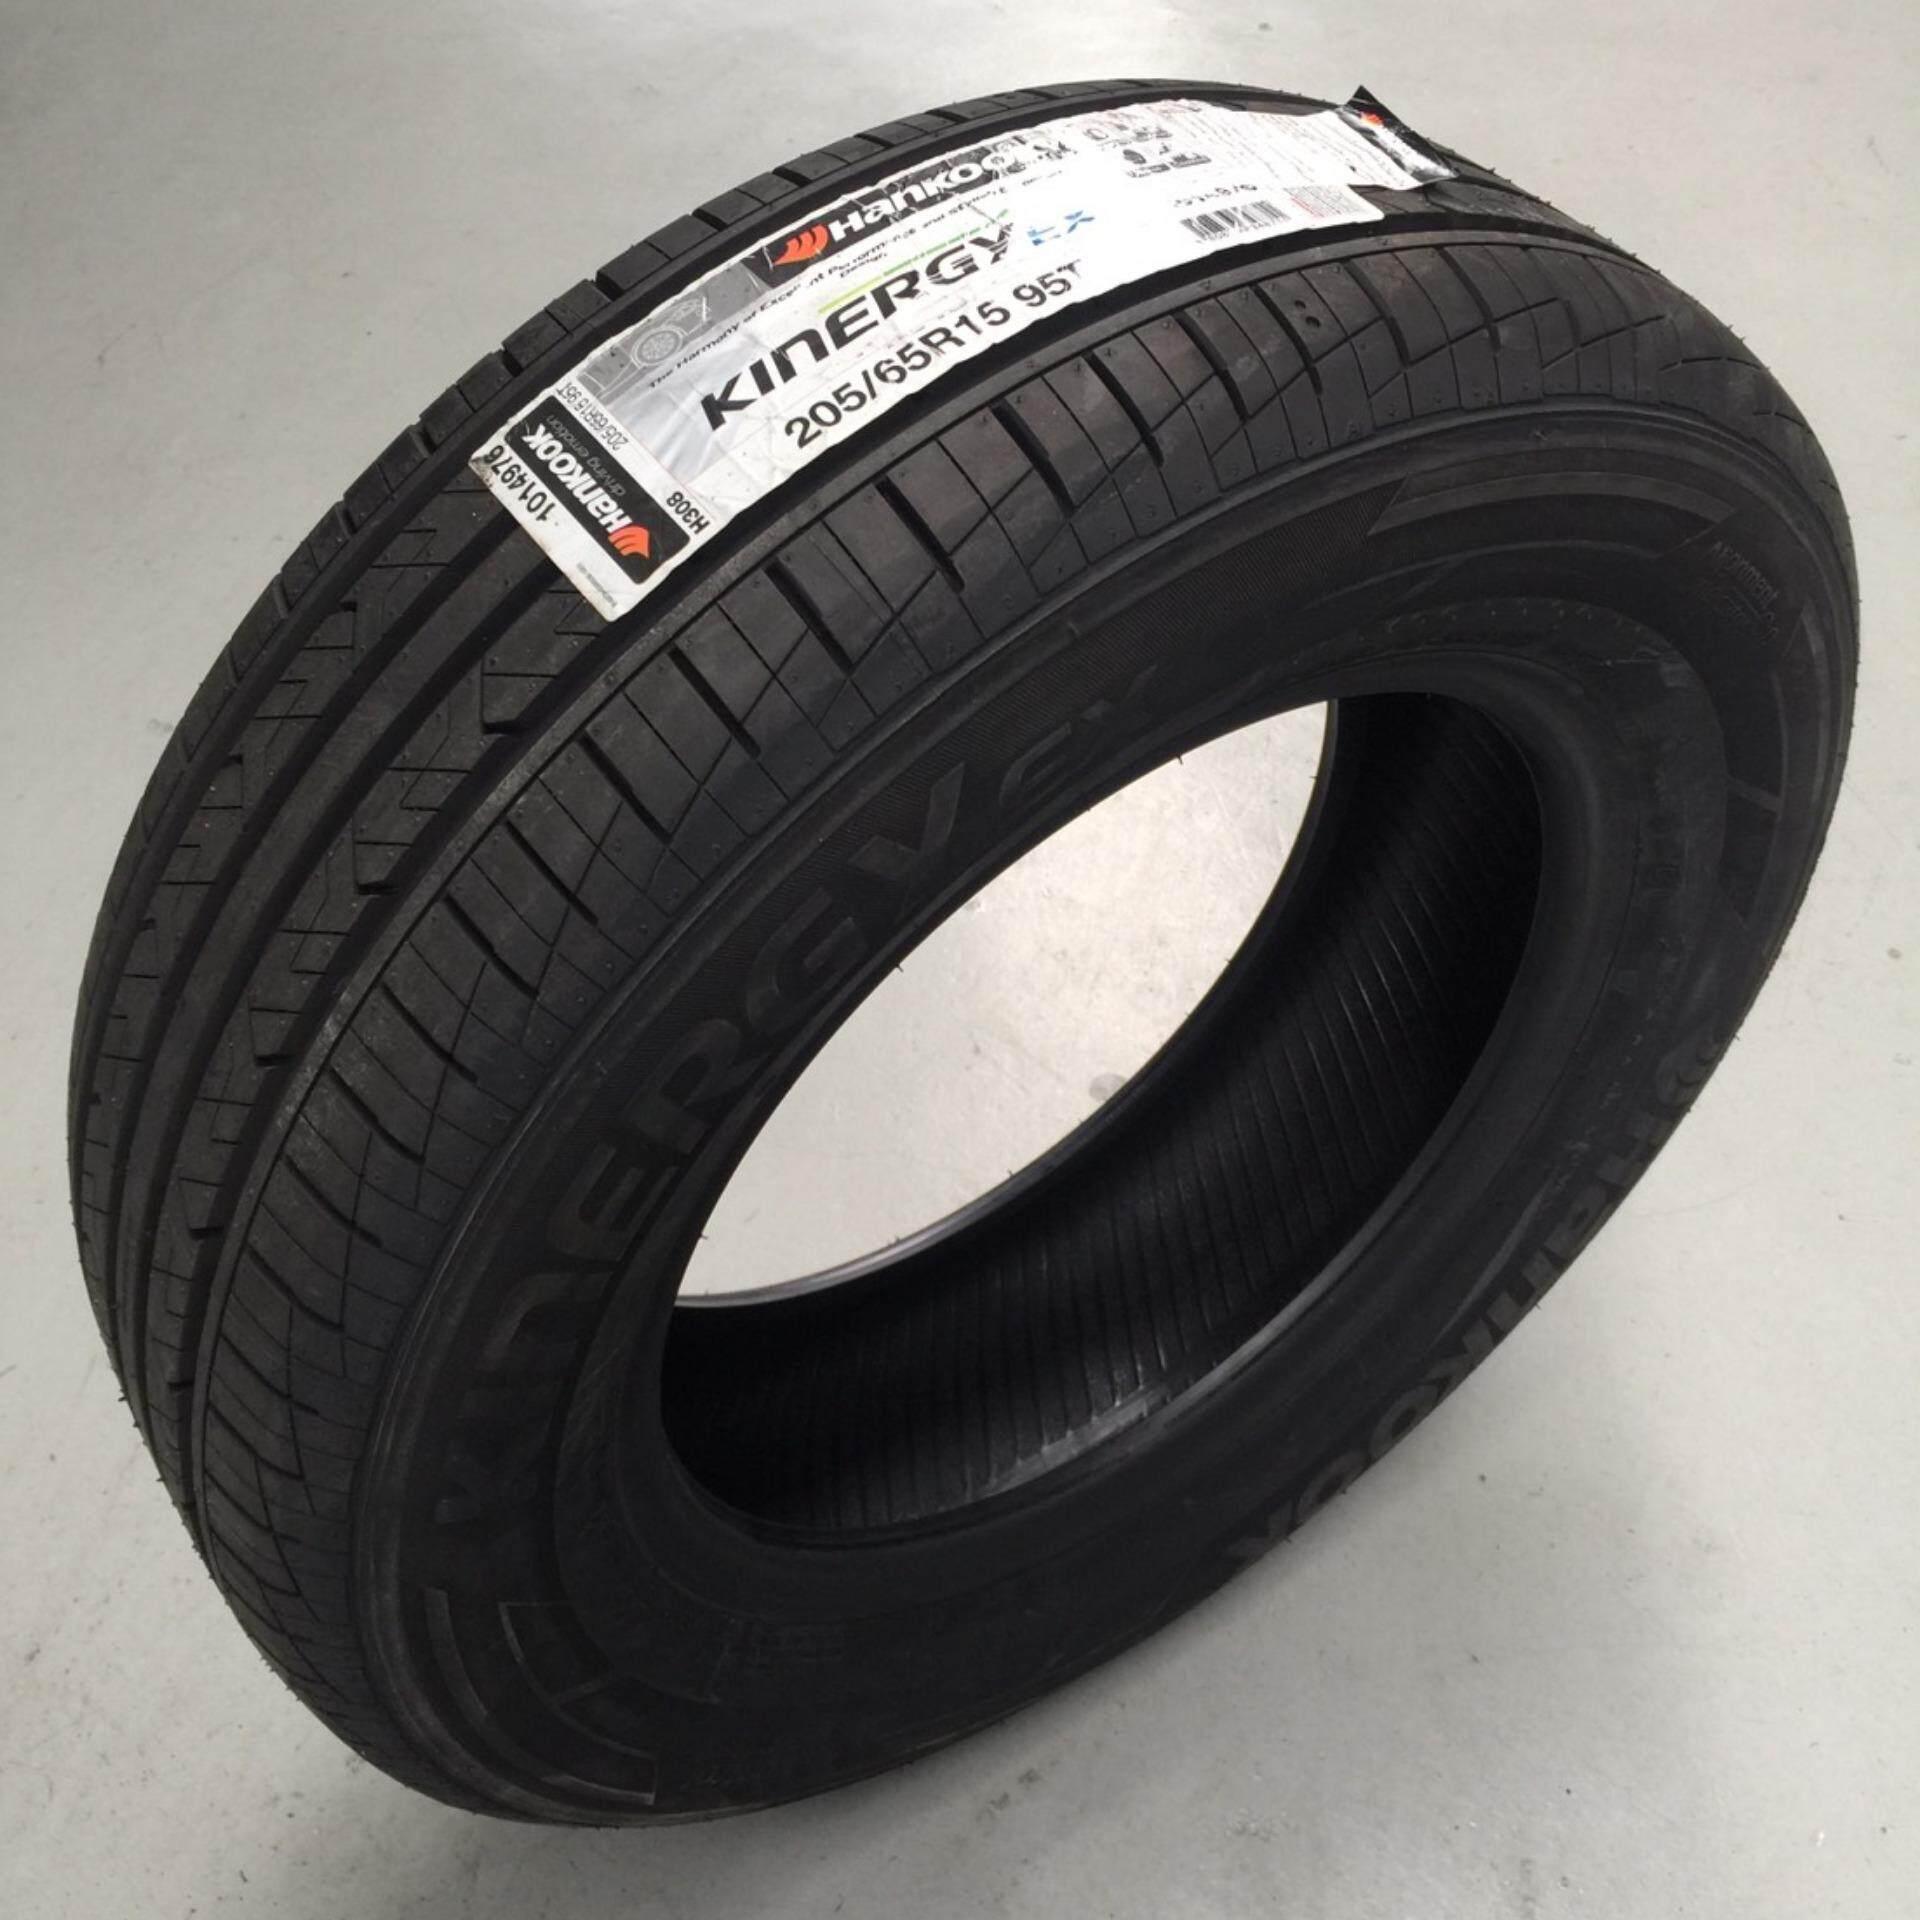 สุดยอดสินค้า!! Hankook ยางรถยนต์ 205/65 R15 H308